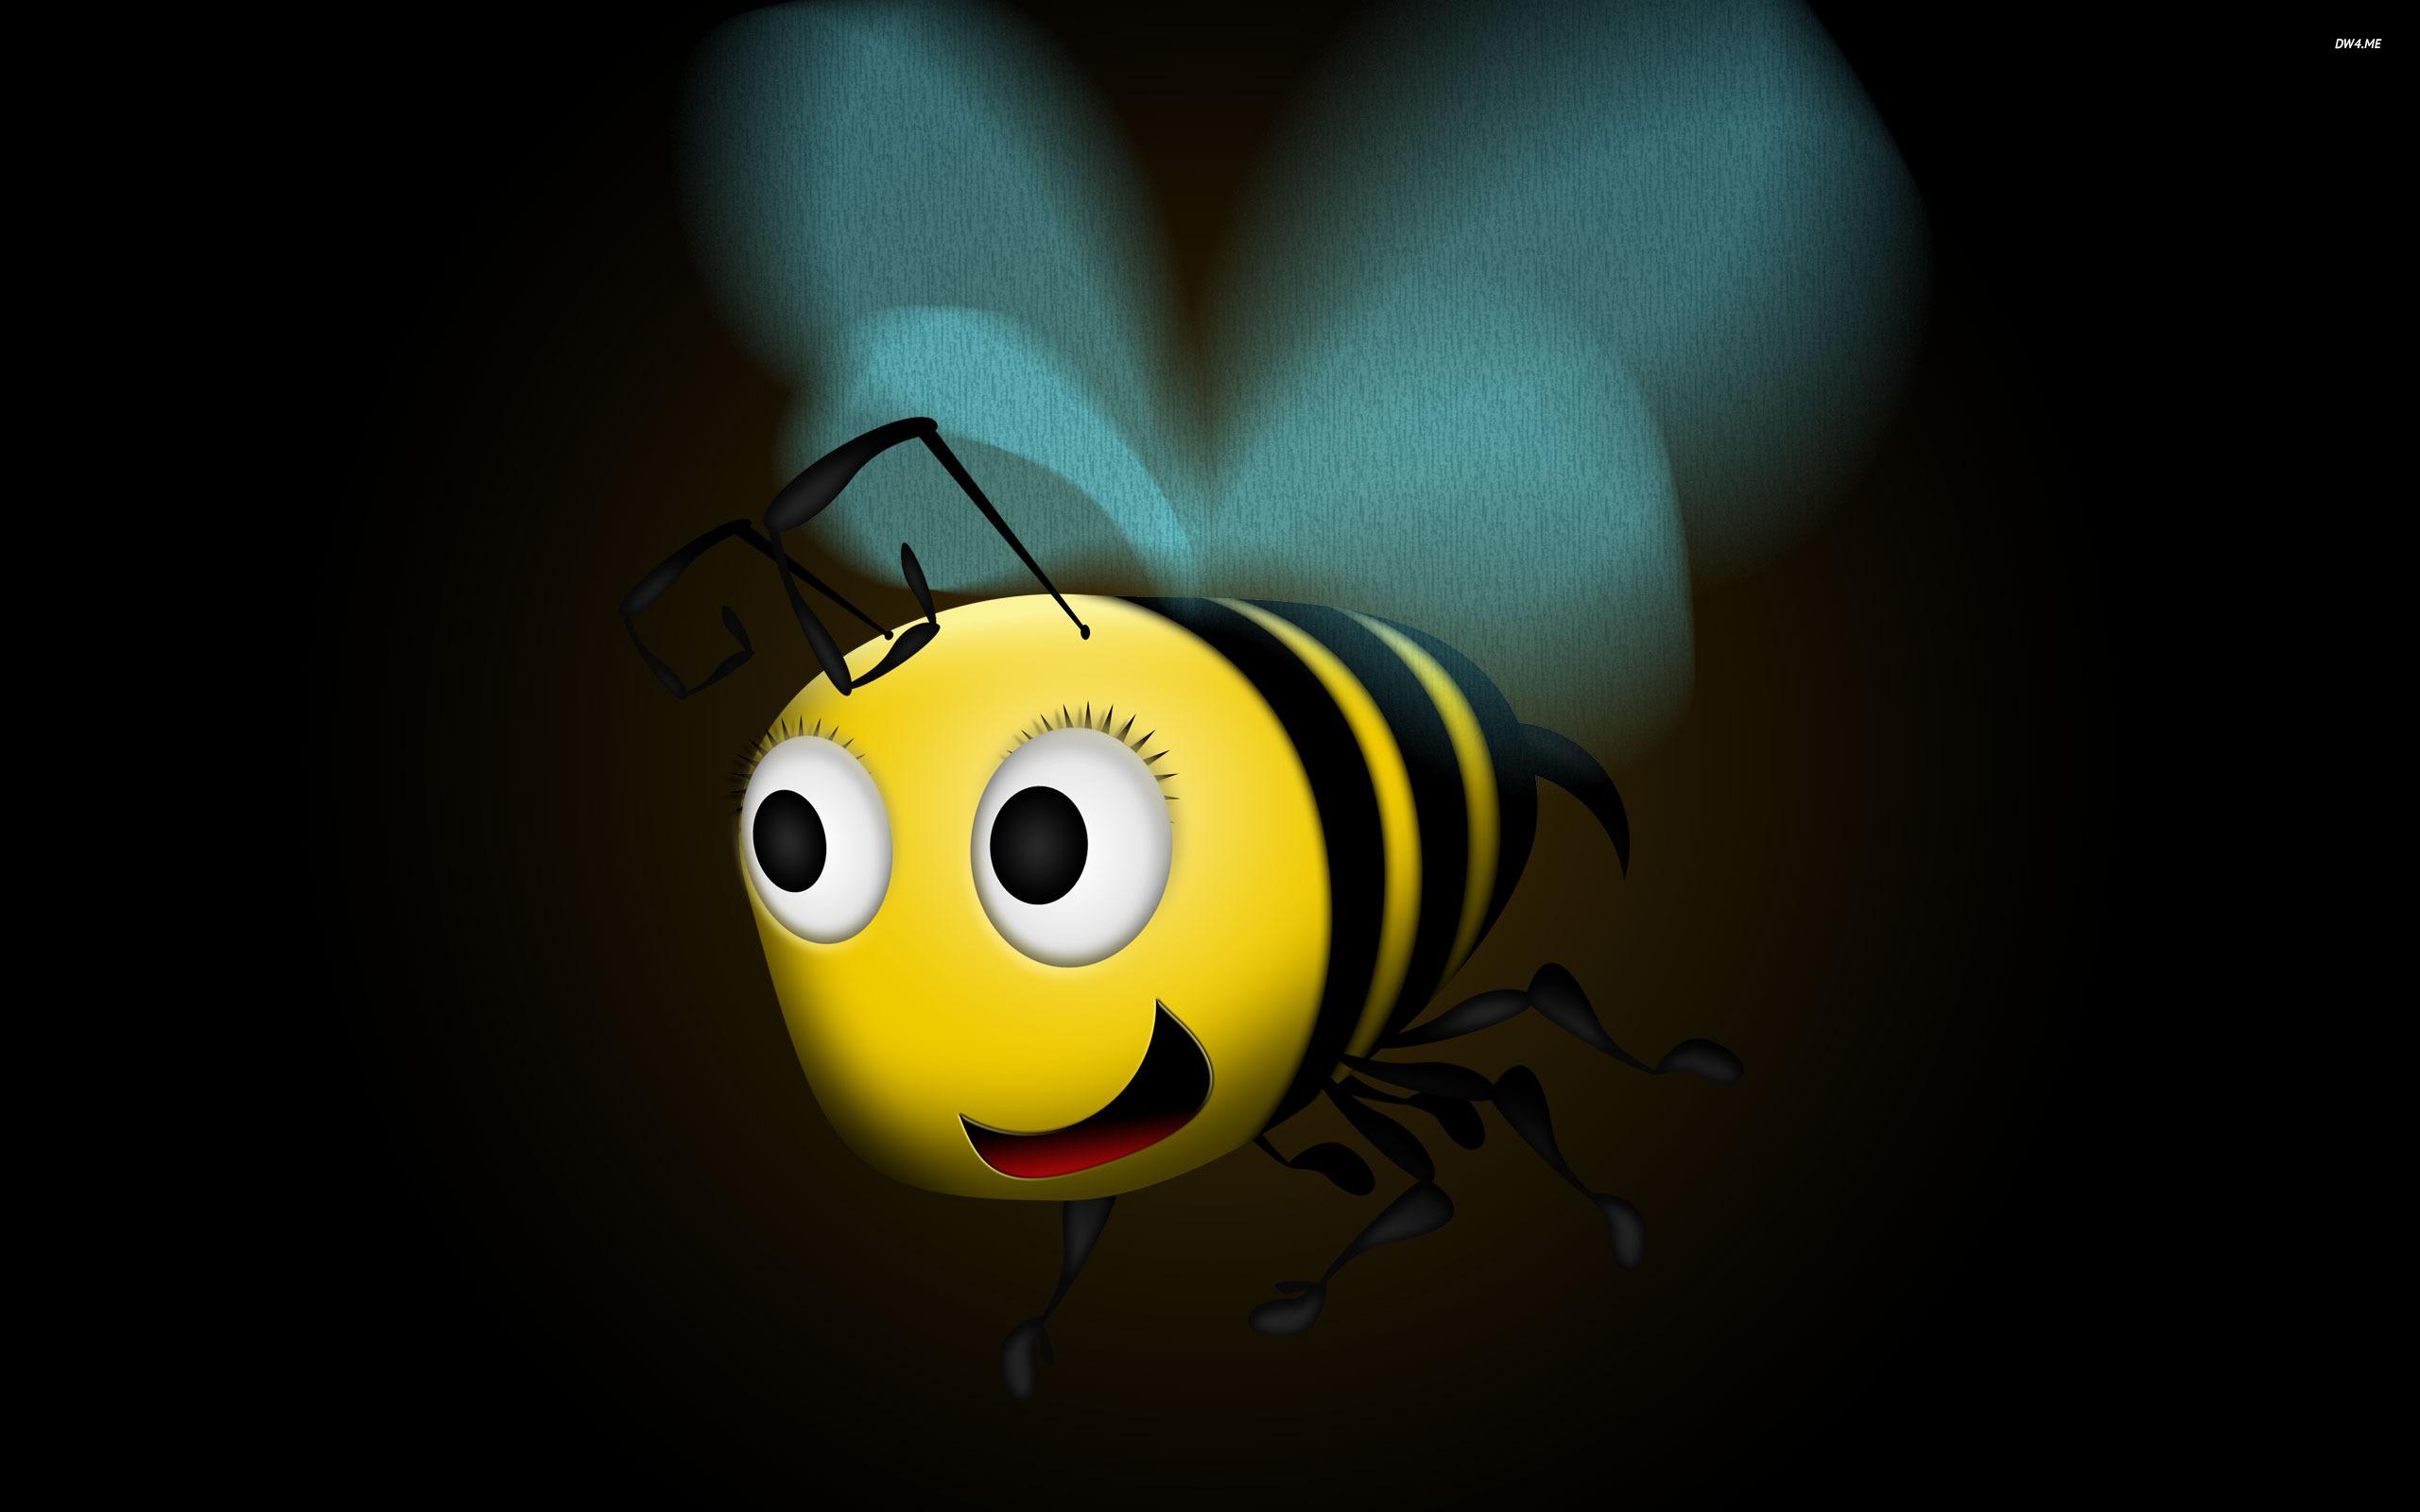 Get Honey Bee Wallpaper Phone Images